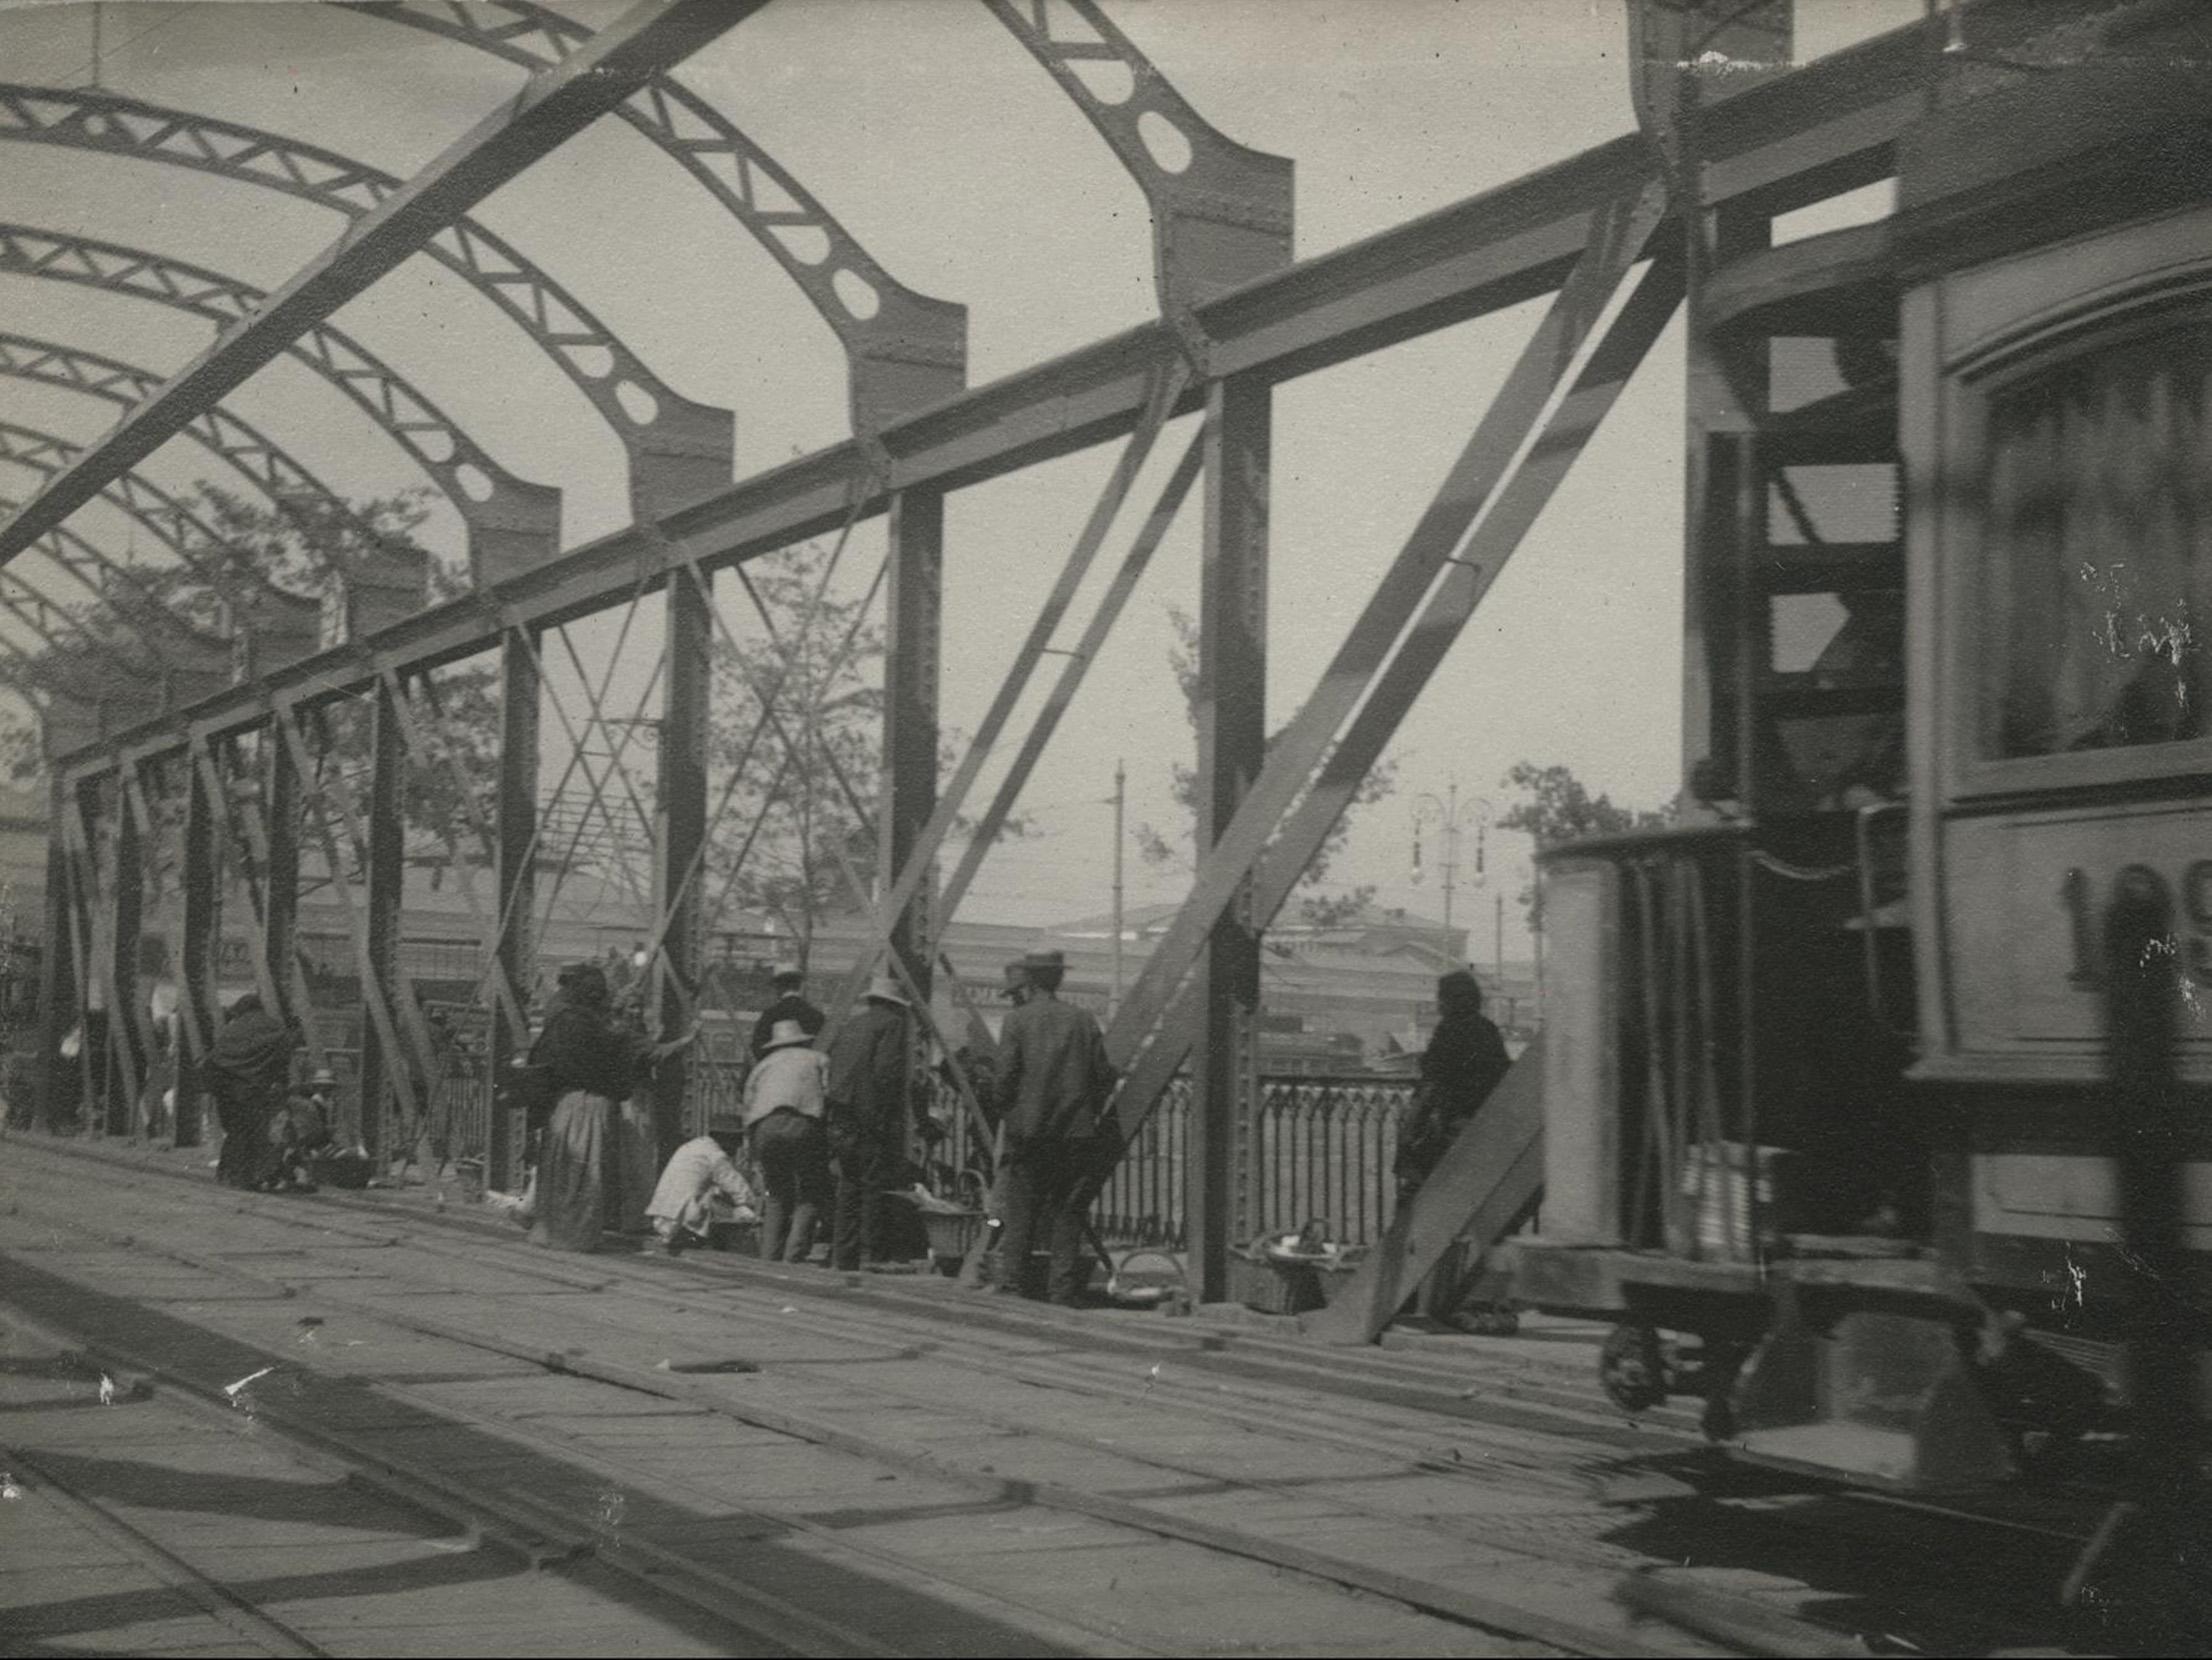 Enterreno - Fotos históricas de chile - fotos antiguas de Chile - Puente Purísima en 1910